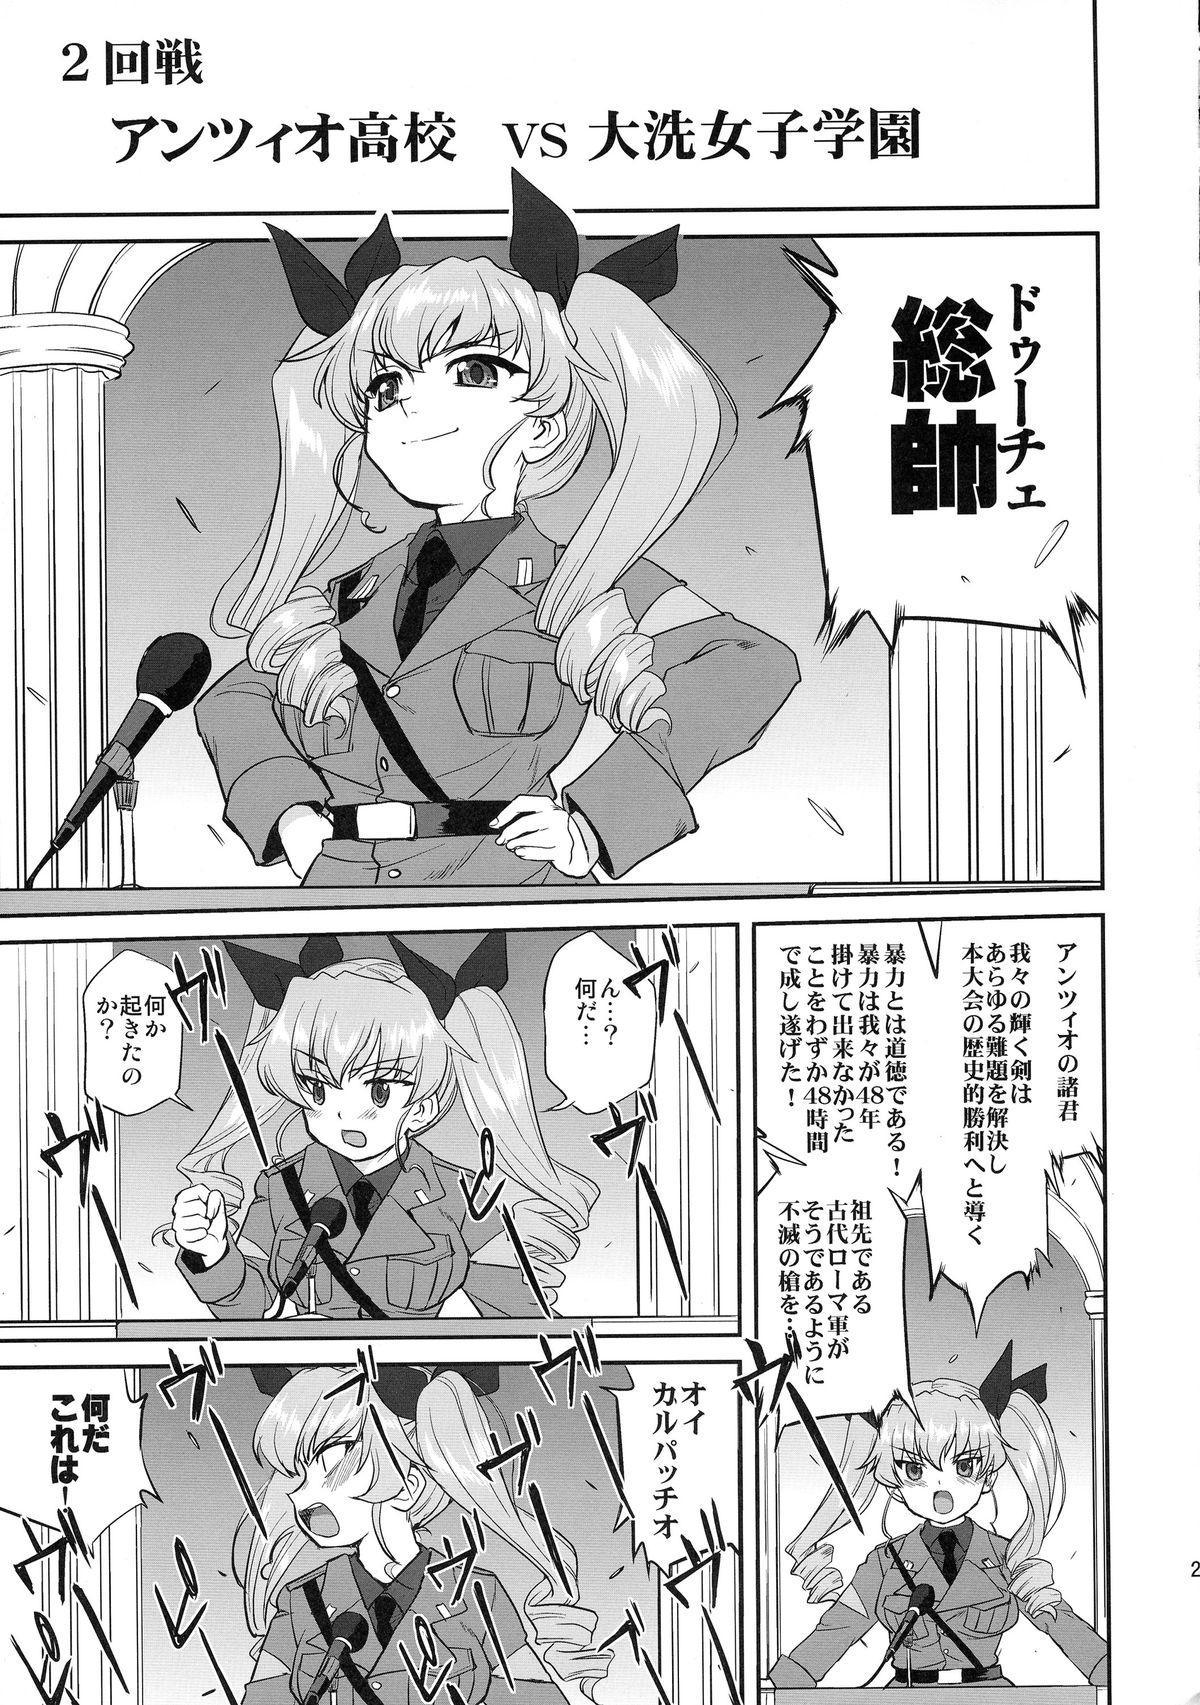 Yukiyukite Senshadou Battle of Pravda 20